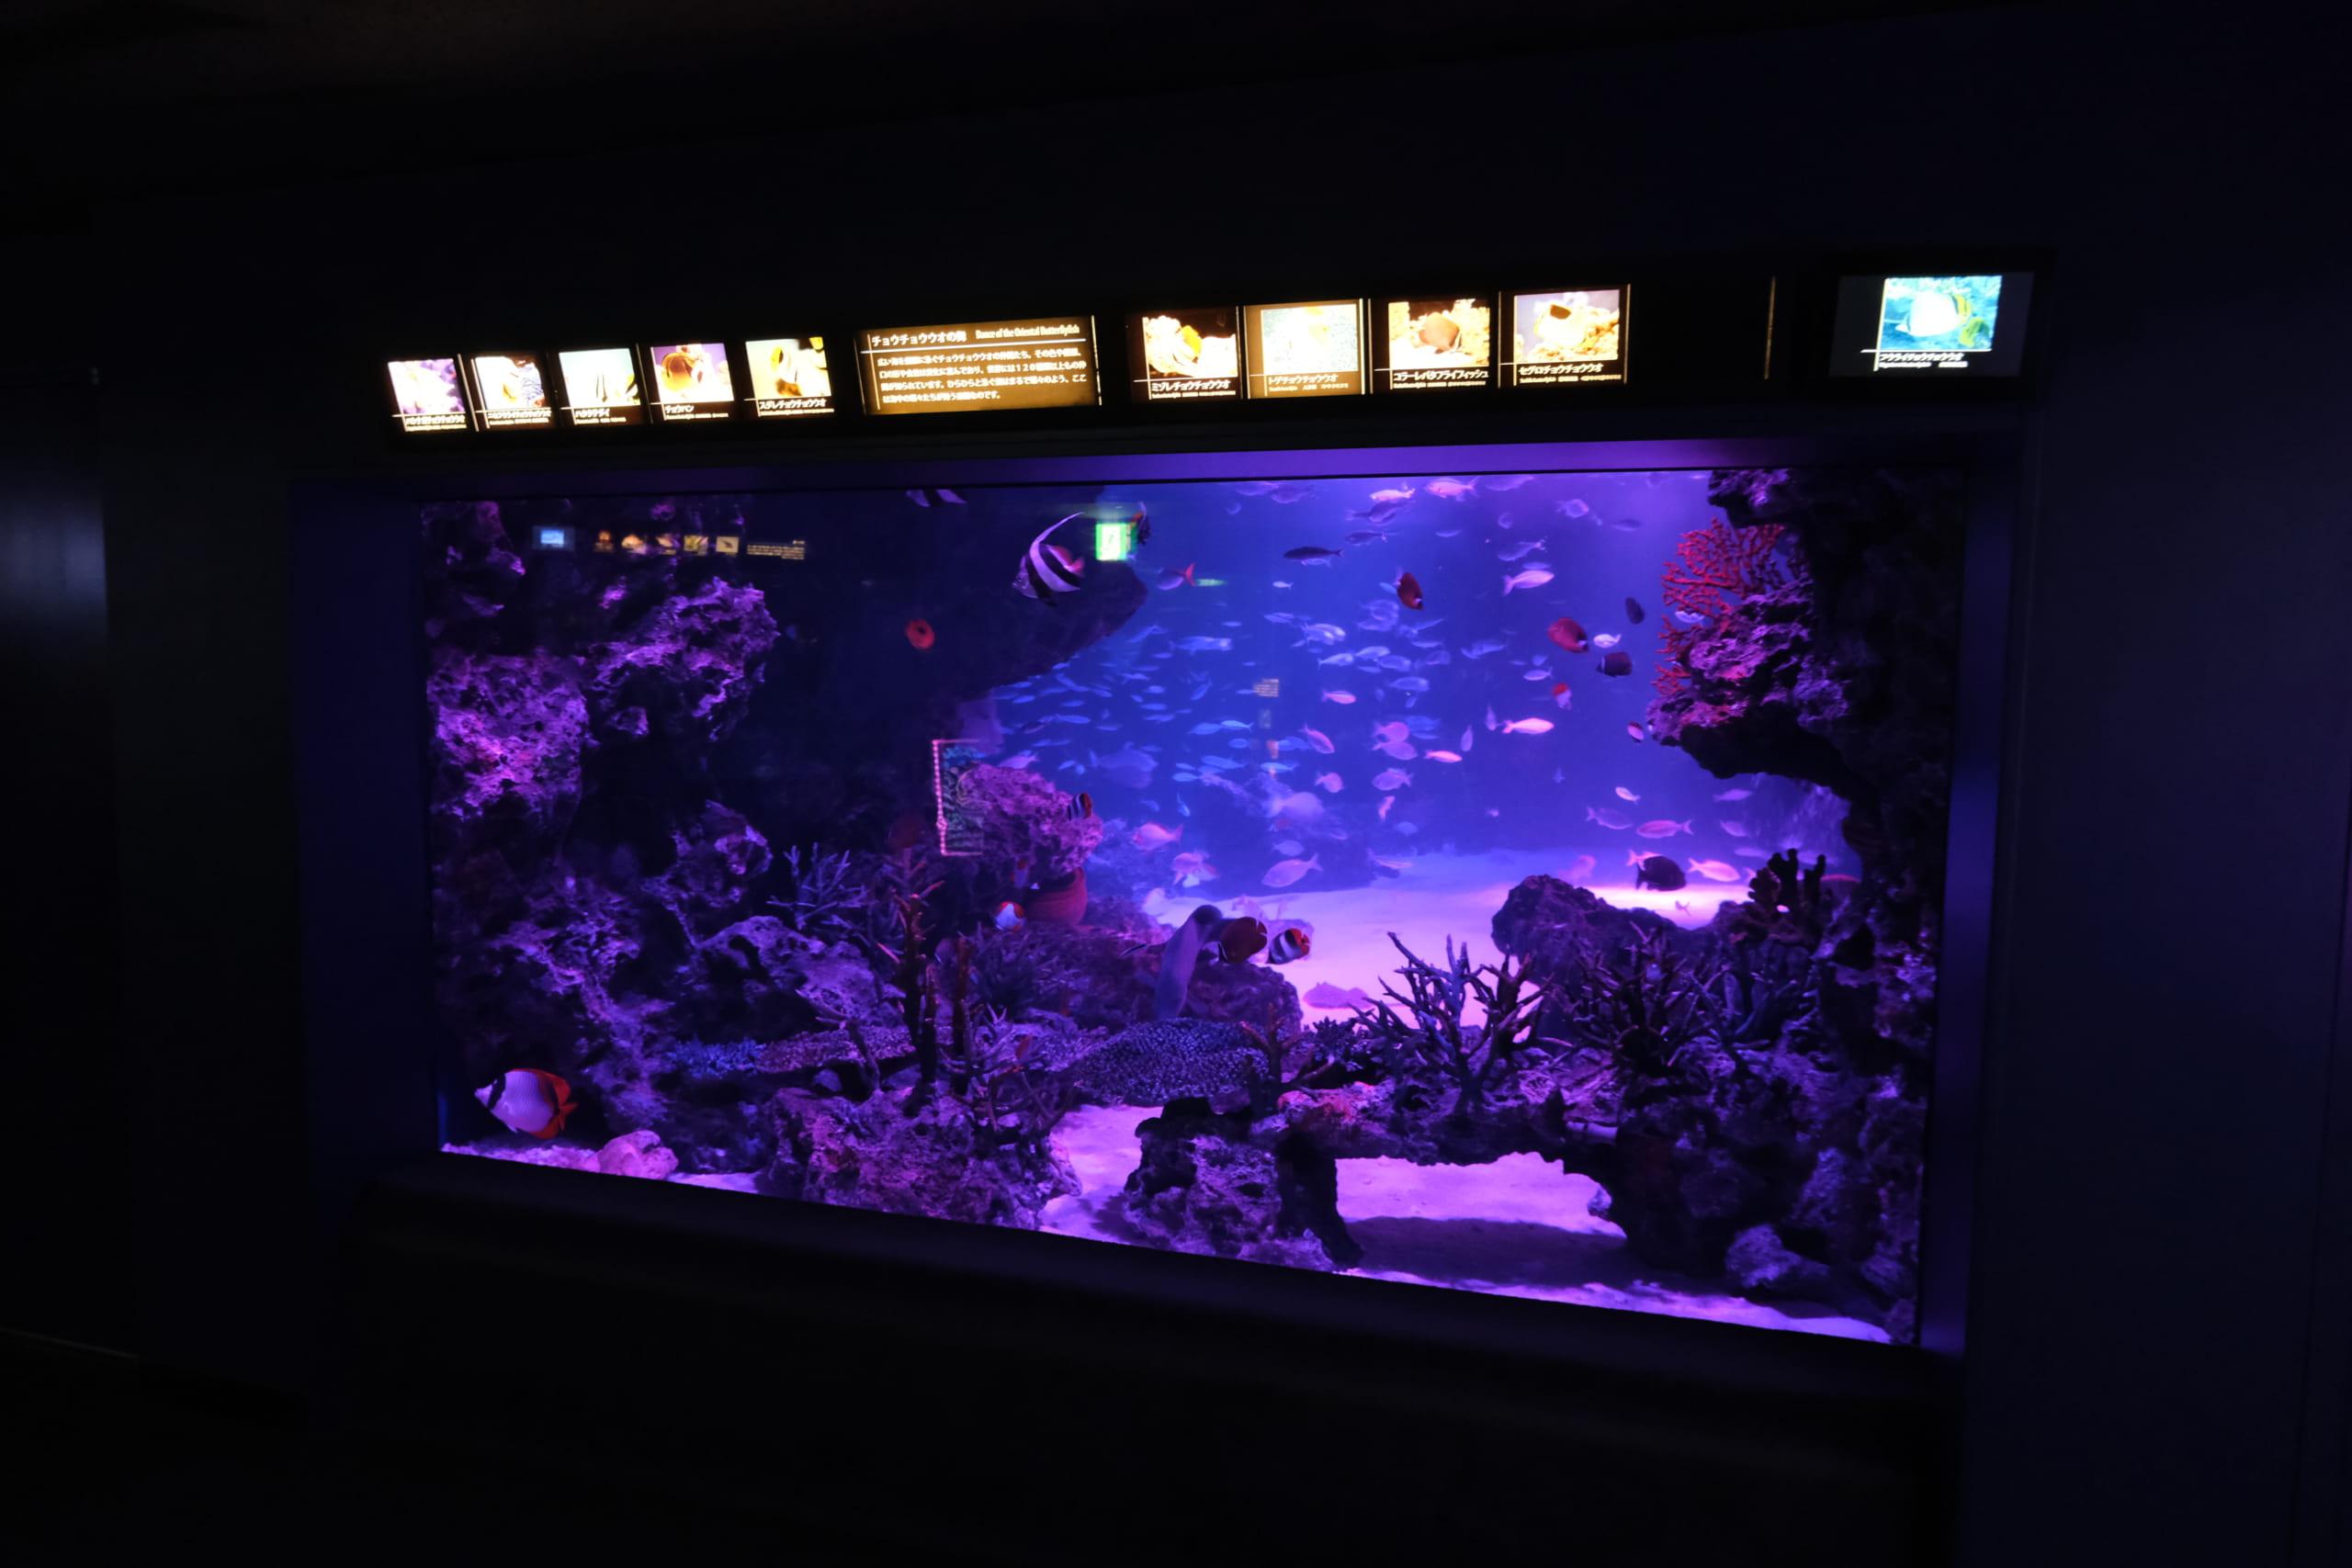 夜のサンシャイン水族館「もっと性いっぱい展」に行ってきました。真っピンク空間にドキドキ…の画像 11/21